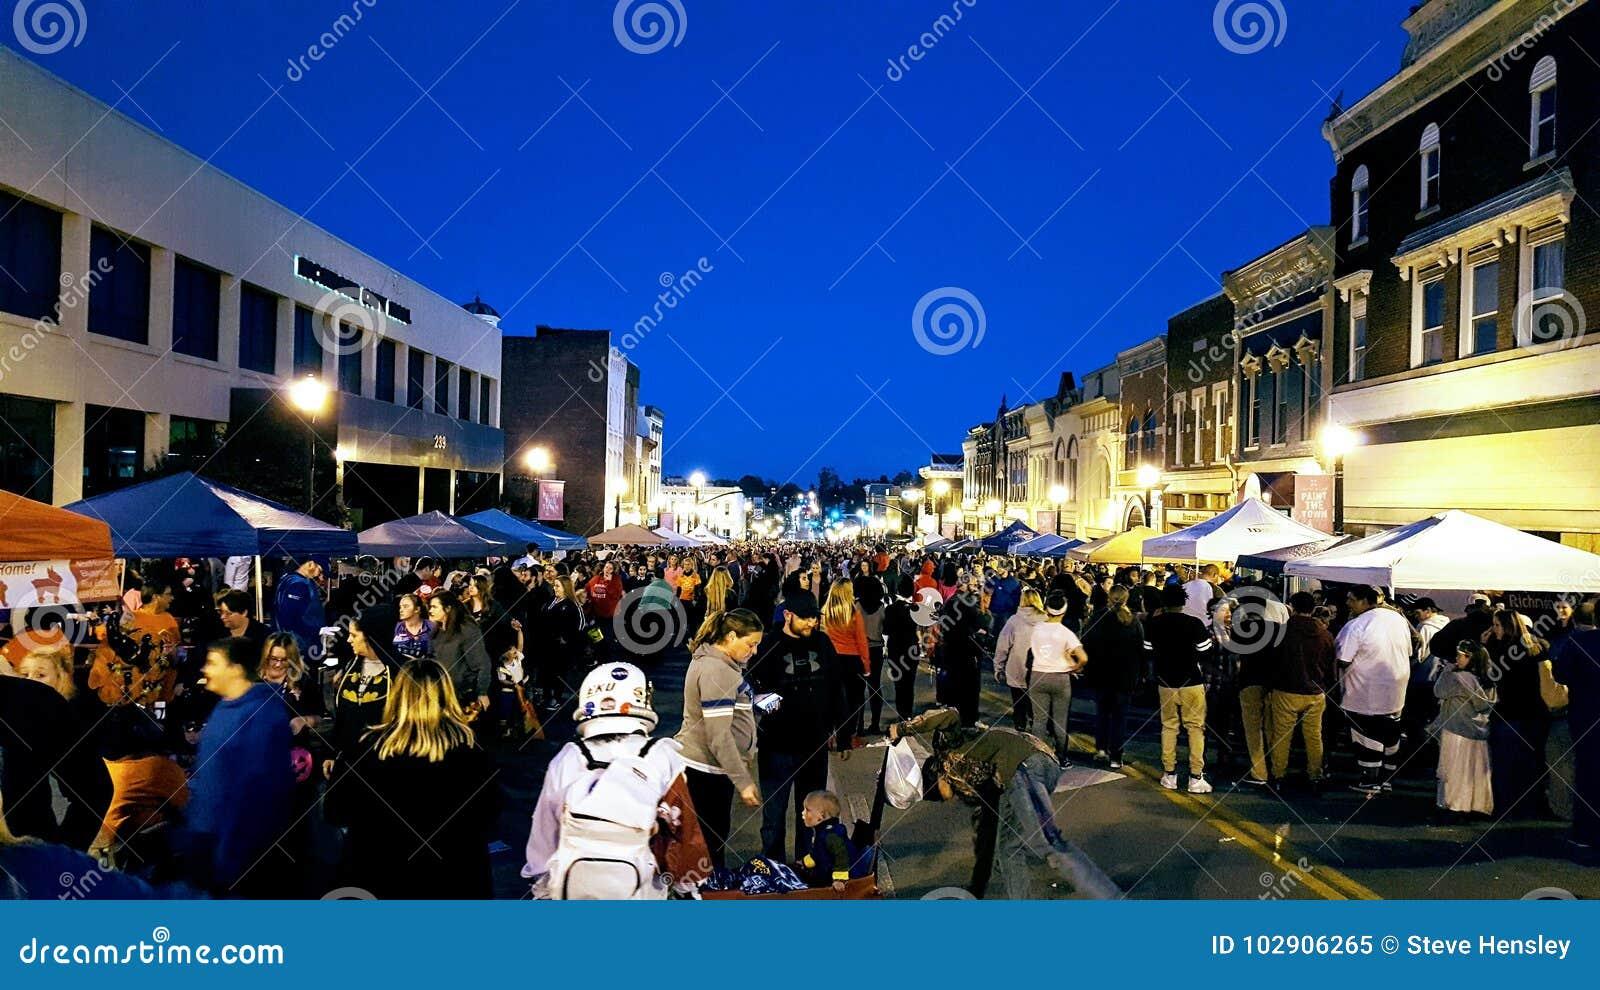 Ρίτσμοντ, KY ΗΠΑ - ένα πλήθος συλλέγει γύρω από το vendor& x27 σκηνές του s κατά τη διάρκεια των ετήσιων αποκριών Hoedown